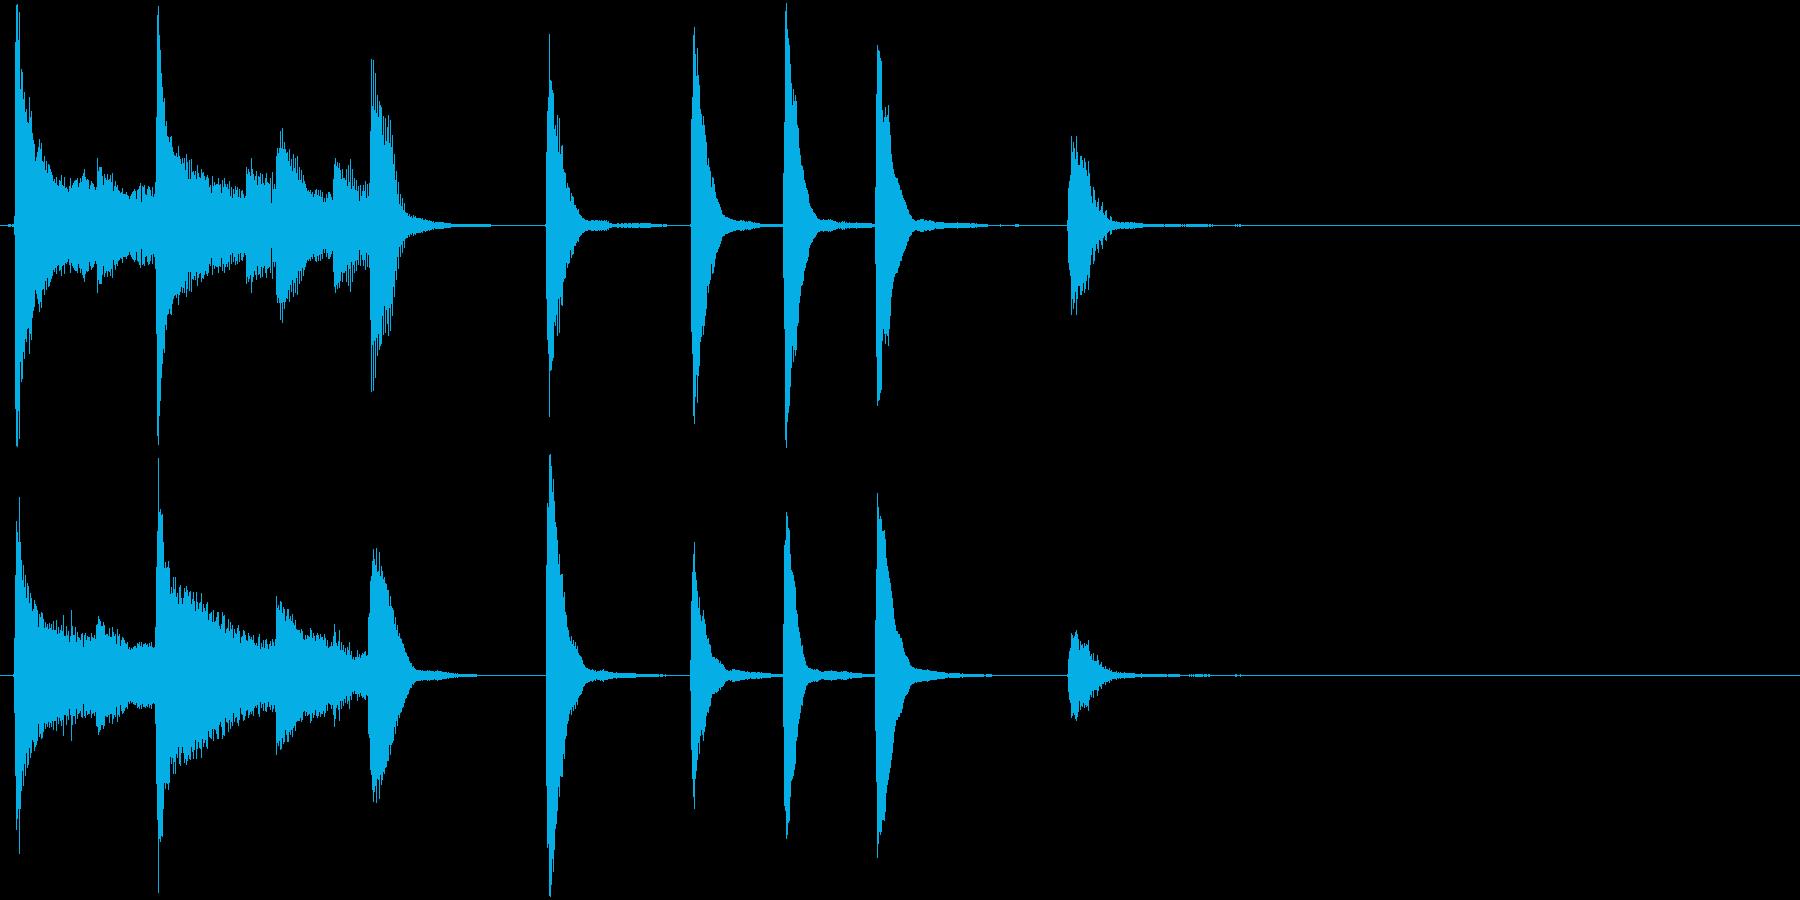 ご機嫌ブルースなピアノによるサウンドロゴの再生済みの波形